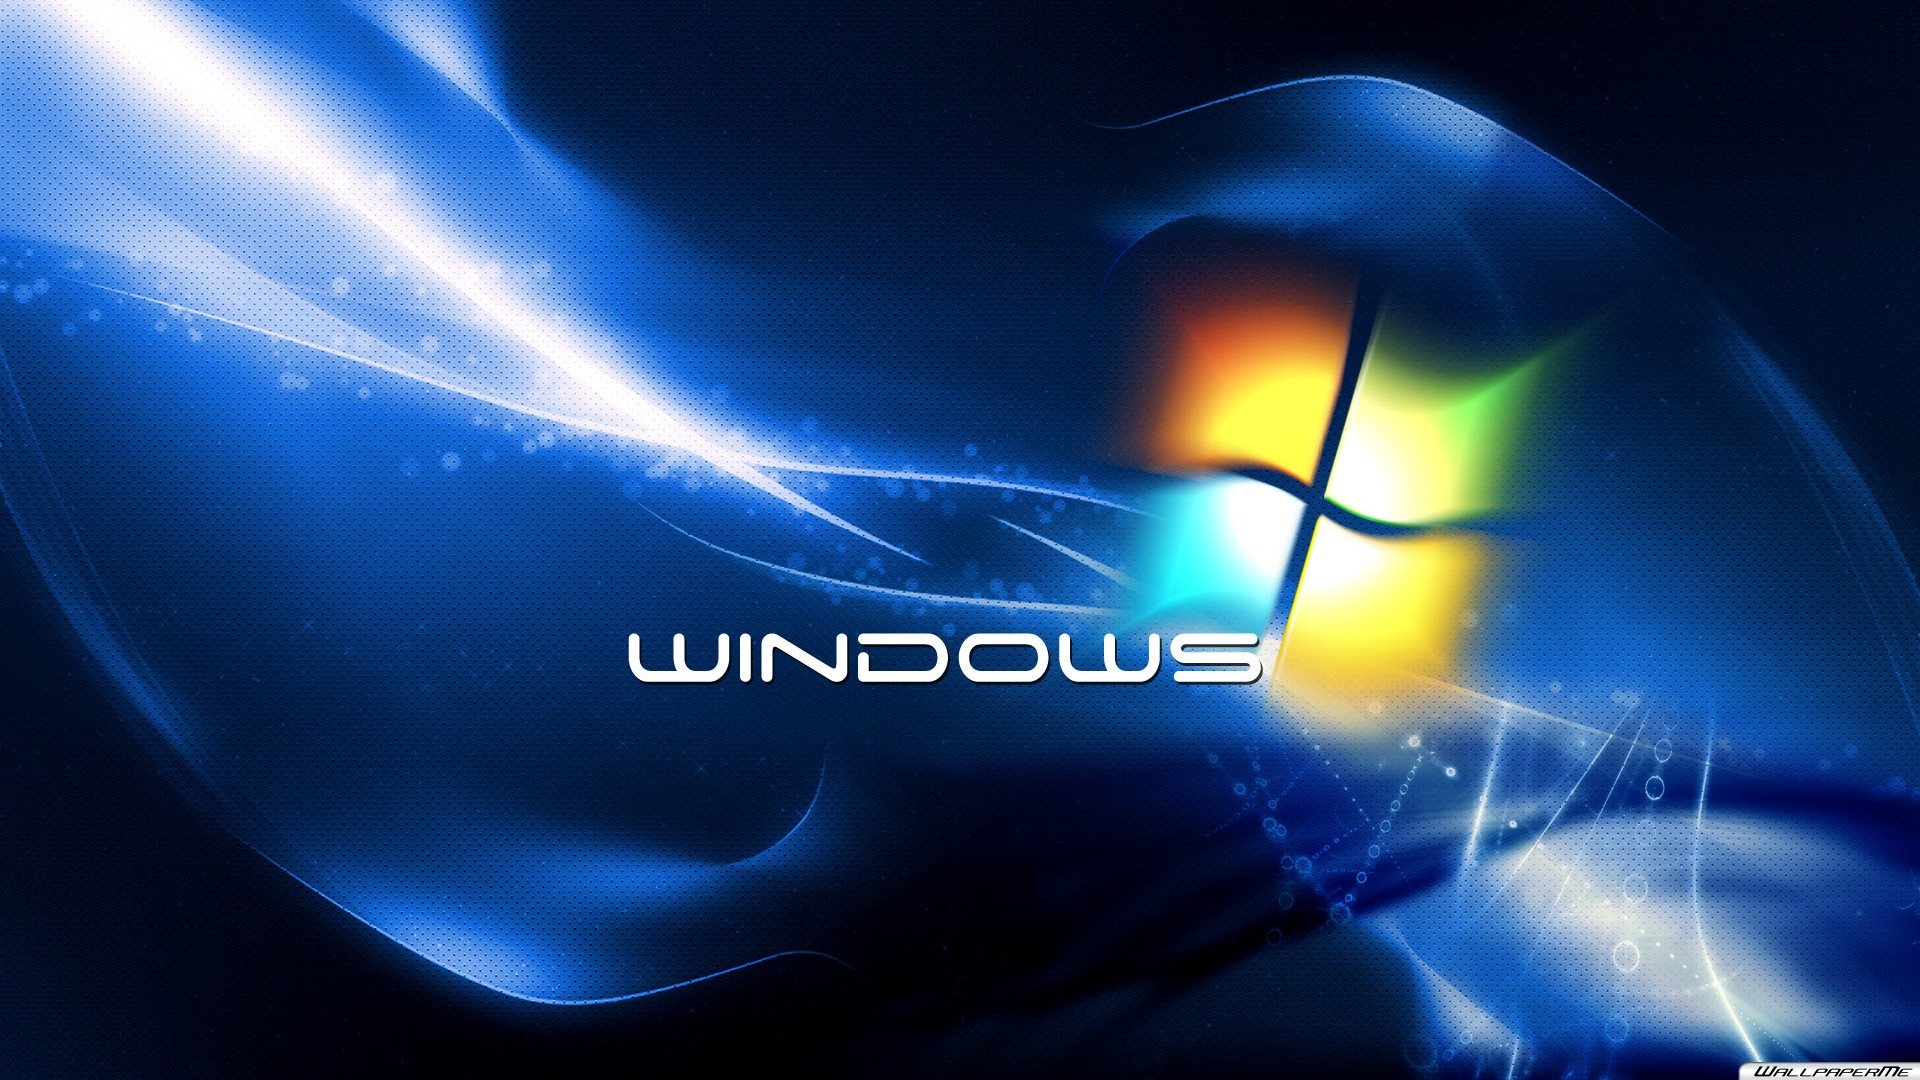 Windows 10 desktop hintergrund kostenlos